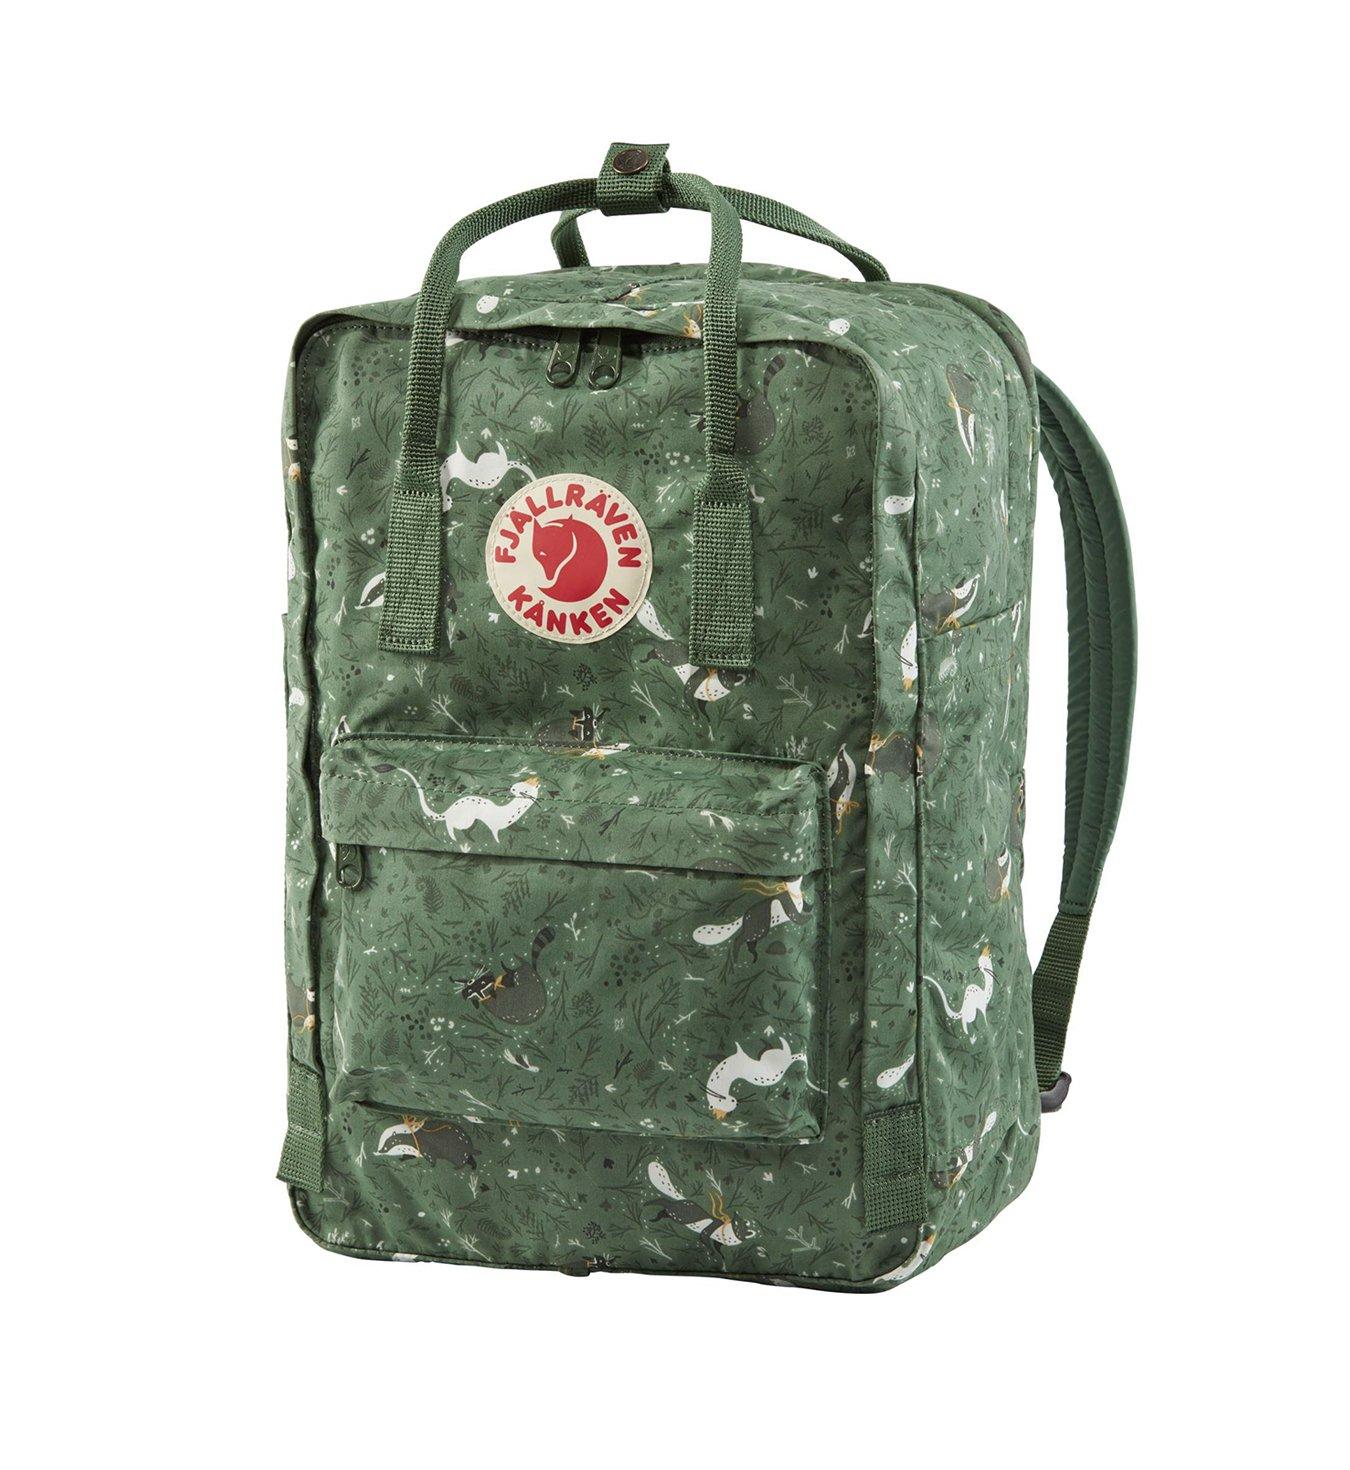 e617cea103c02 Fjallraven Kanken Art Laptop 15 Green Fable | MARKI \ FJALLRAVEN ...